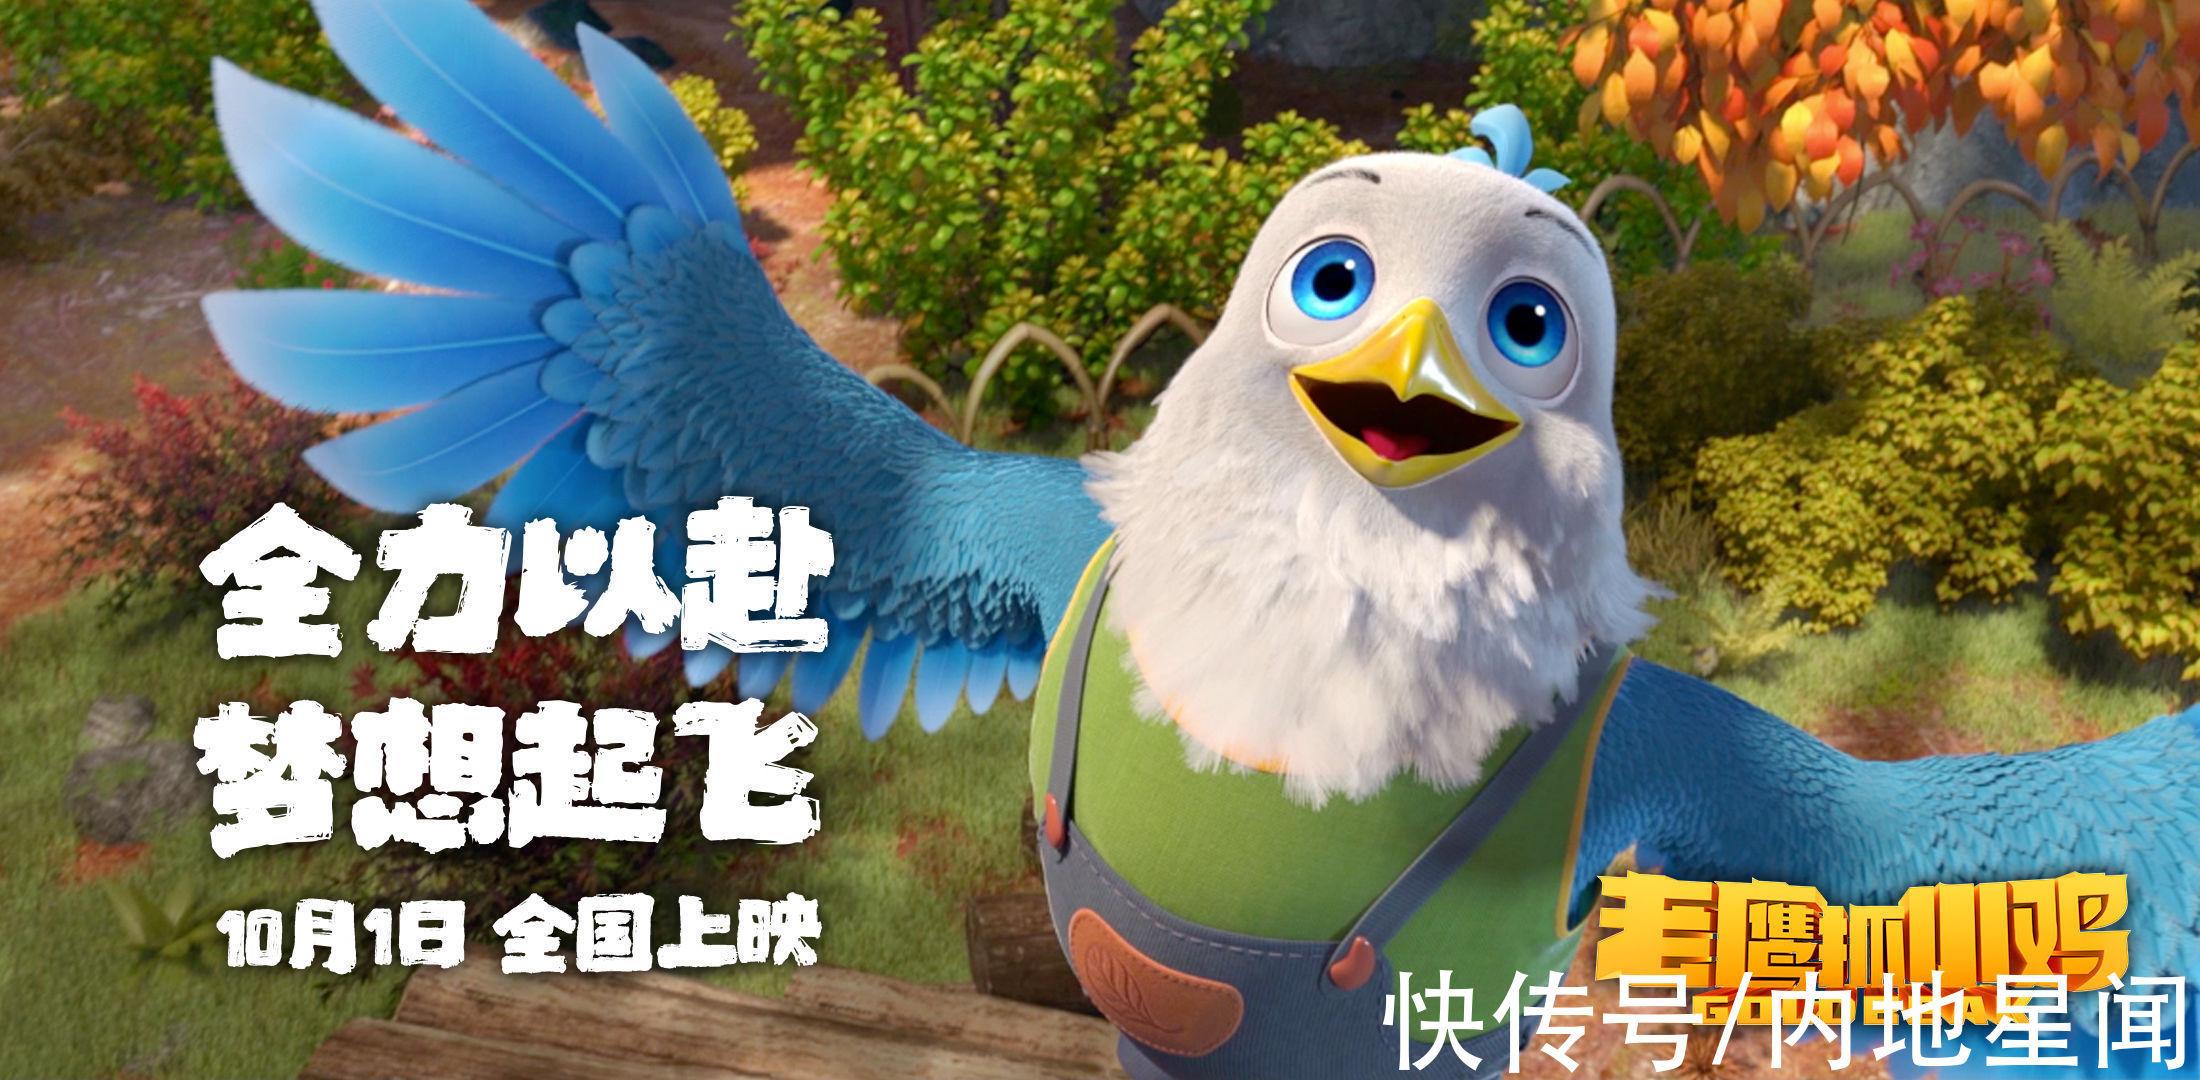 《老鹰抓小鸡》-百度云资源「1080p/高清」云网盘下载